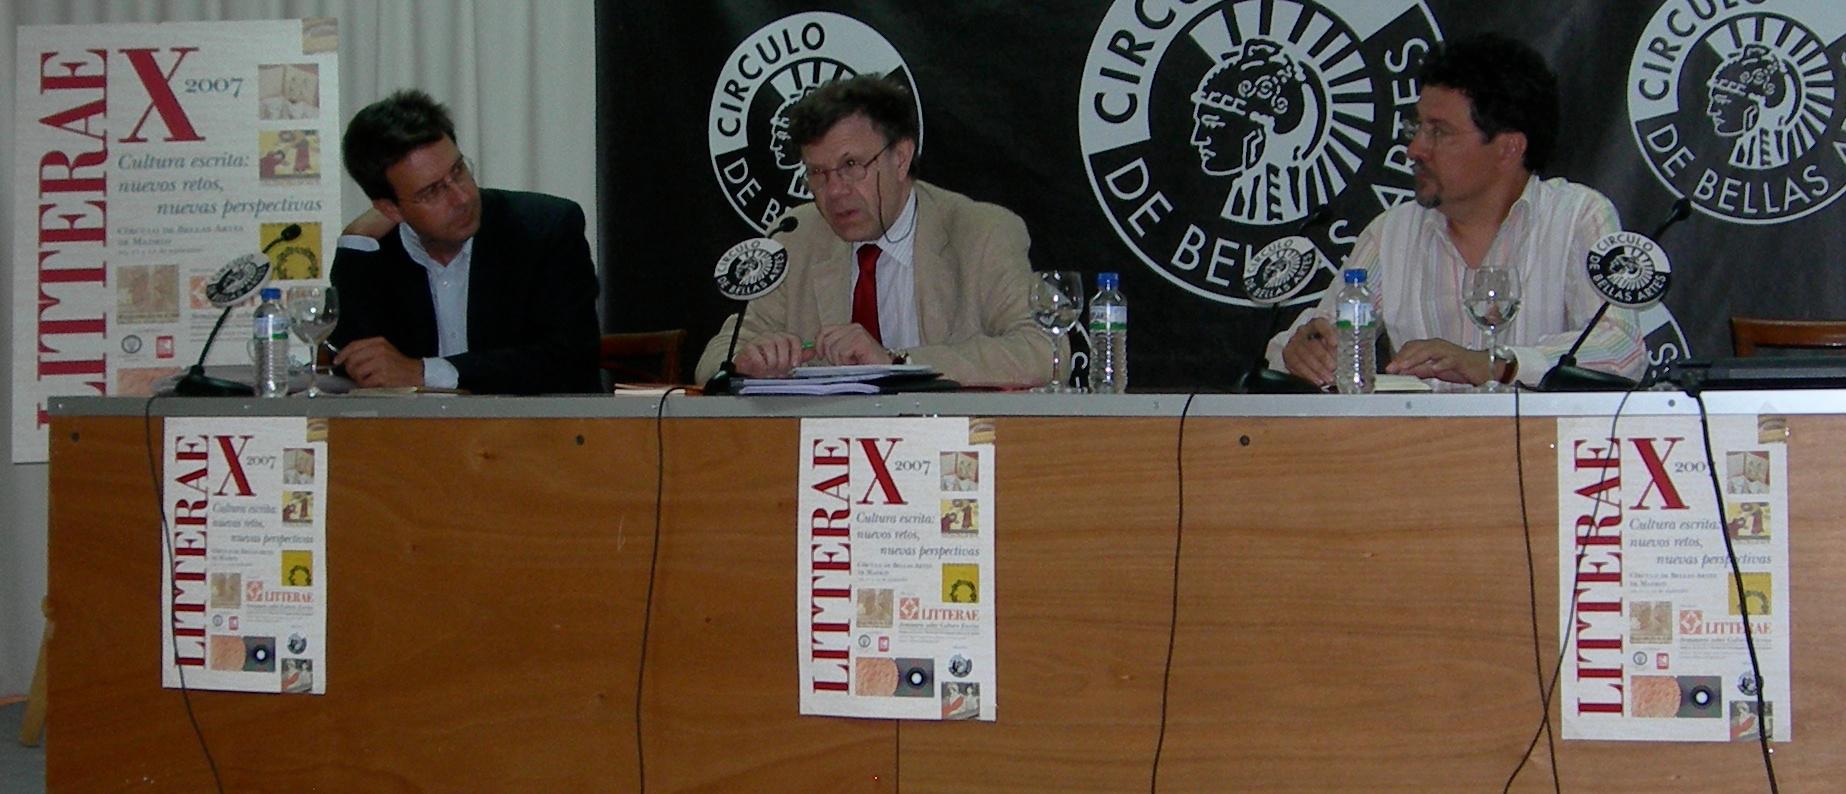 Enrique Villalba, Roger Chatier y Emilio Torné en la clausura de Litterae X